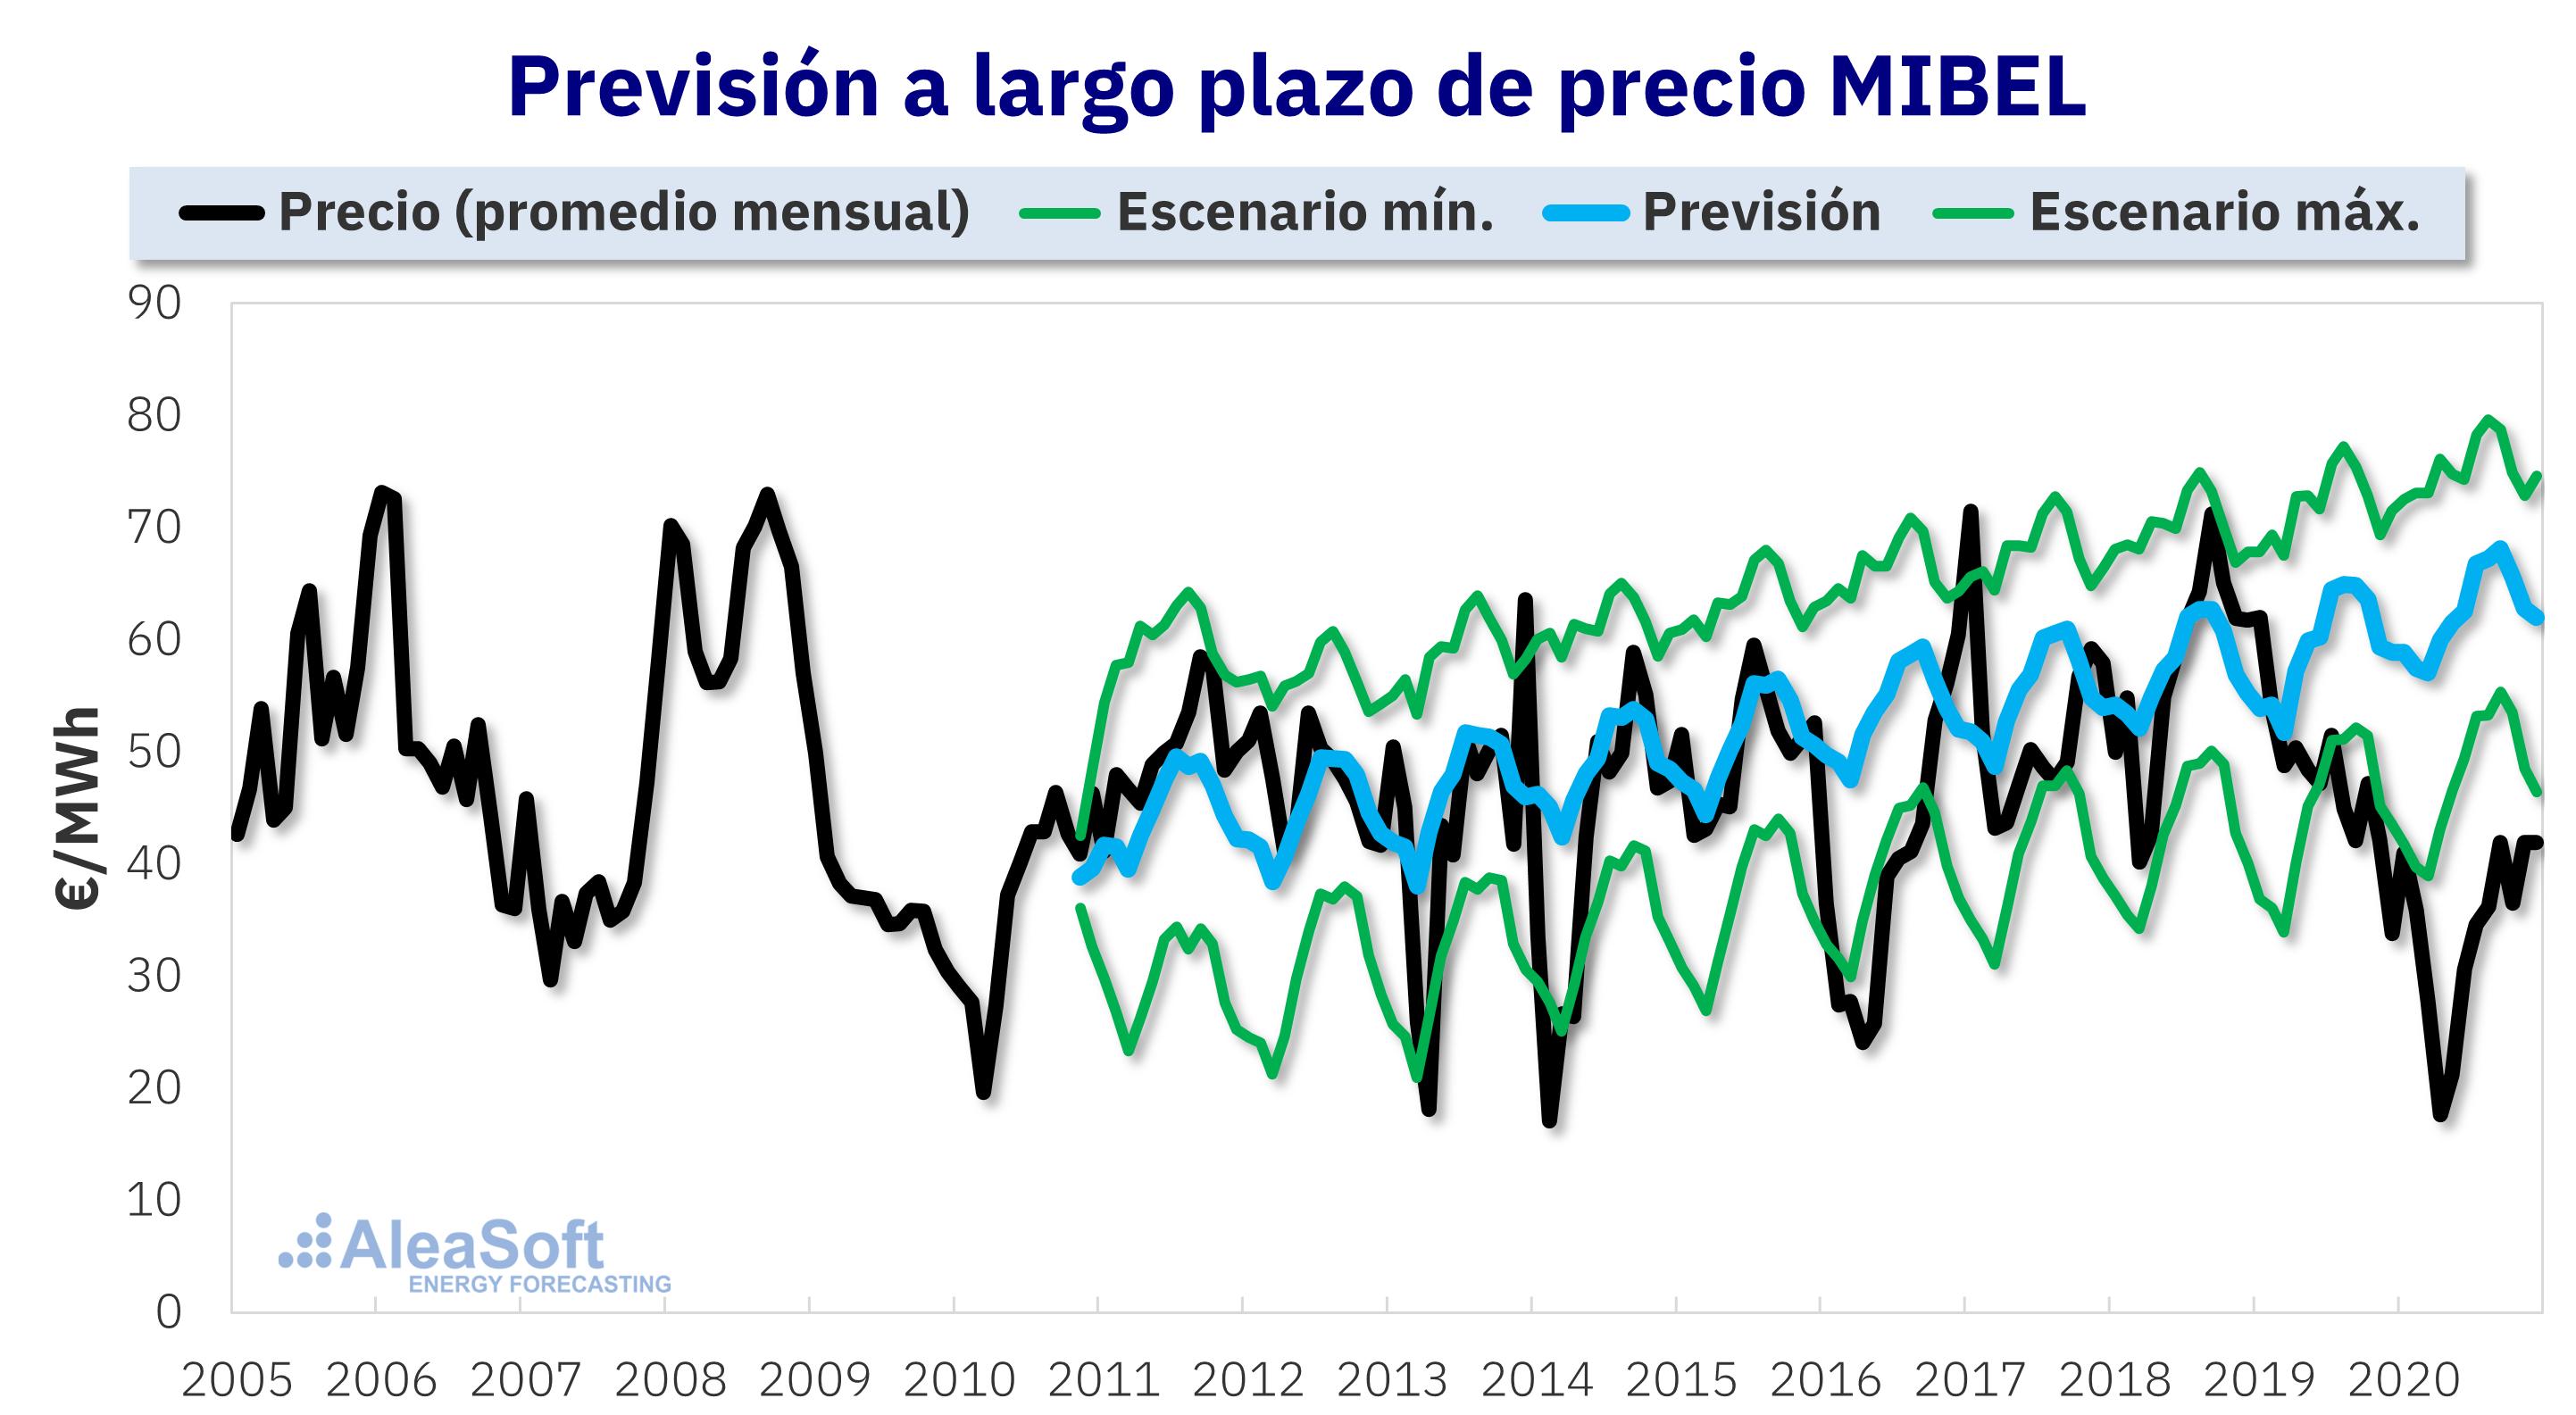 AleaSoft - Prevision precios mercado electricidad MIBEL largo plazo